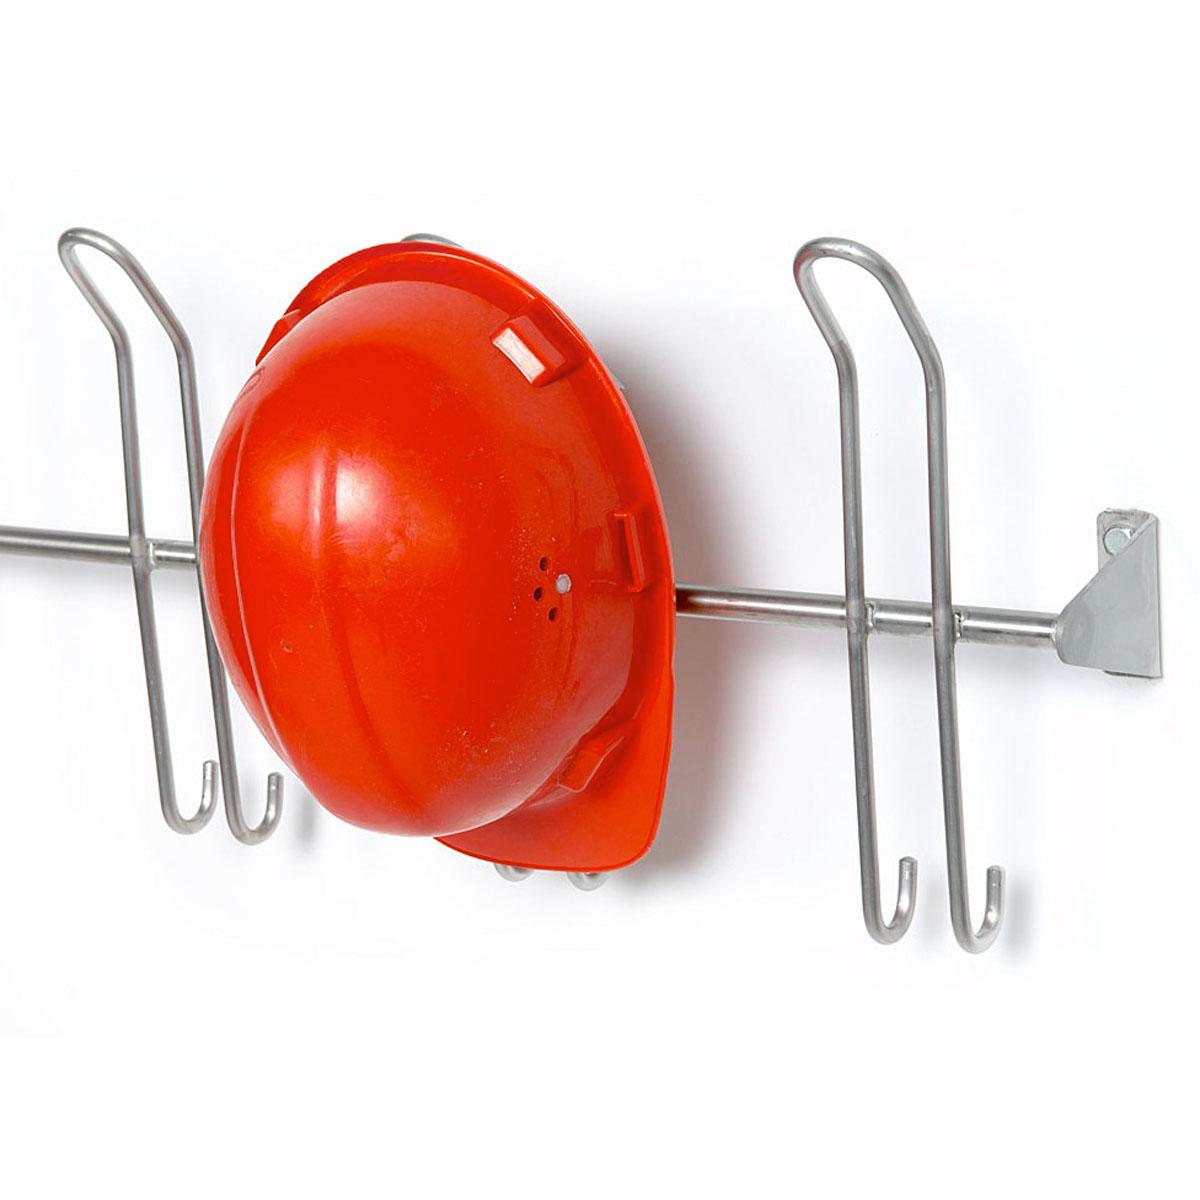 Kleiderhakenleiste mit Helmhaltern, ArtNr.: NTF02625H